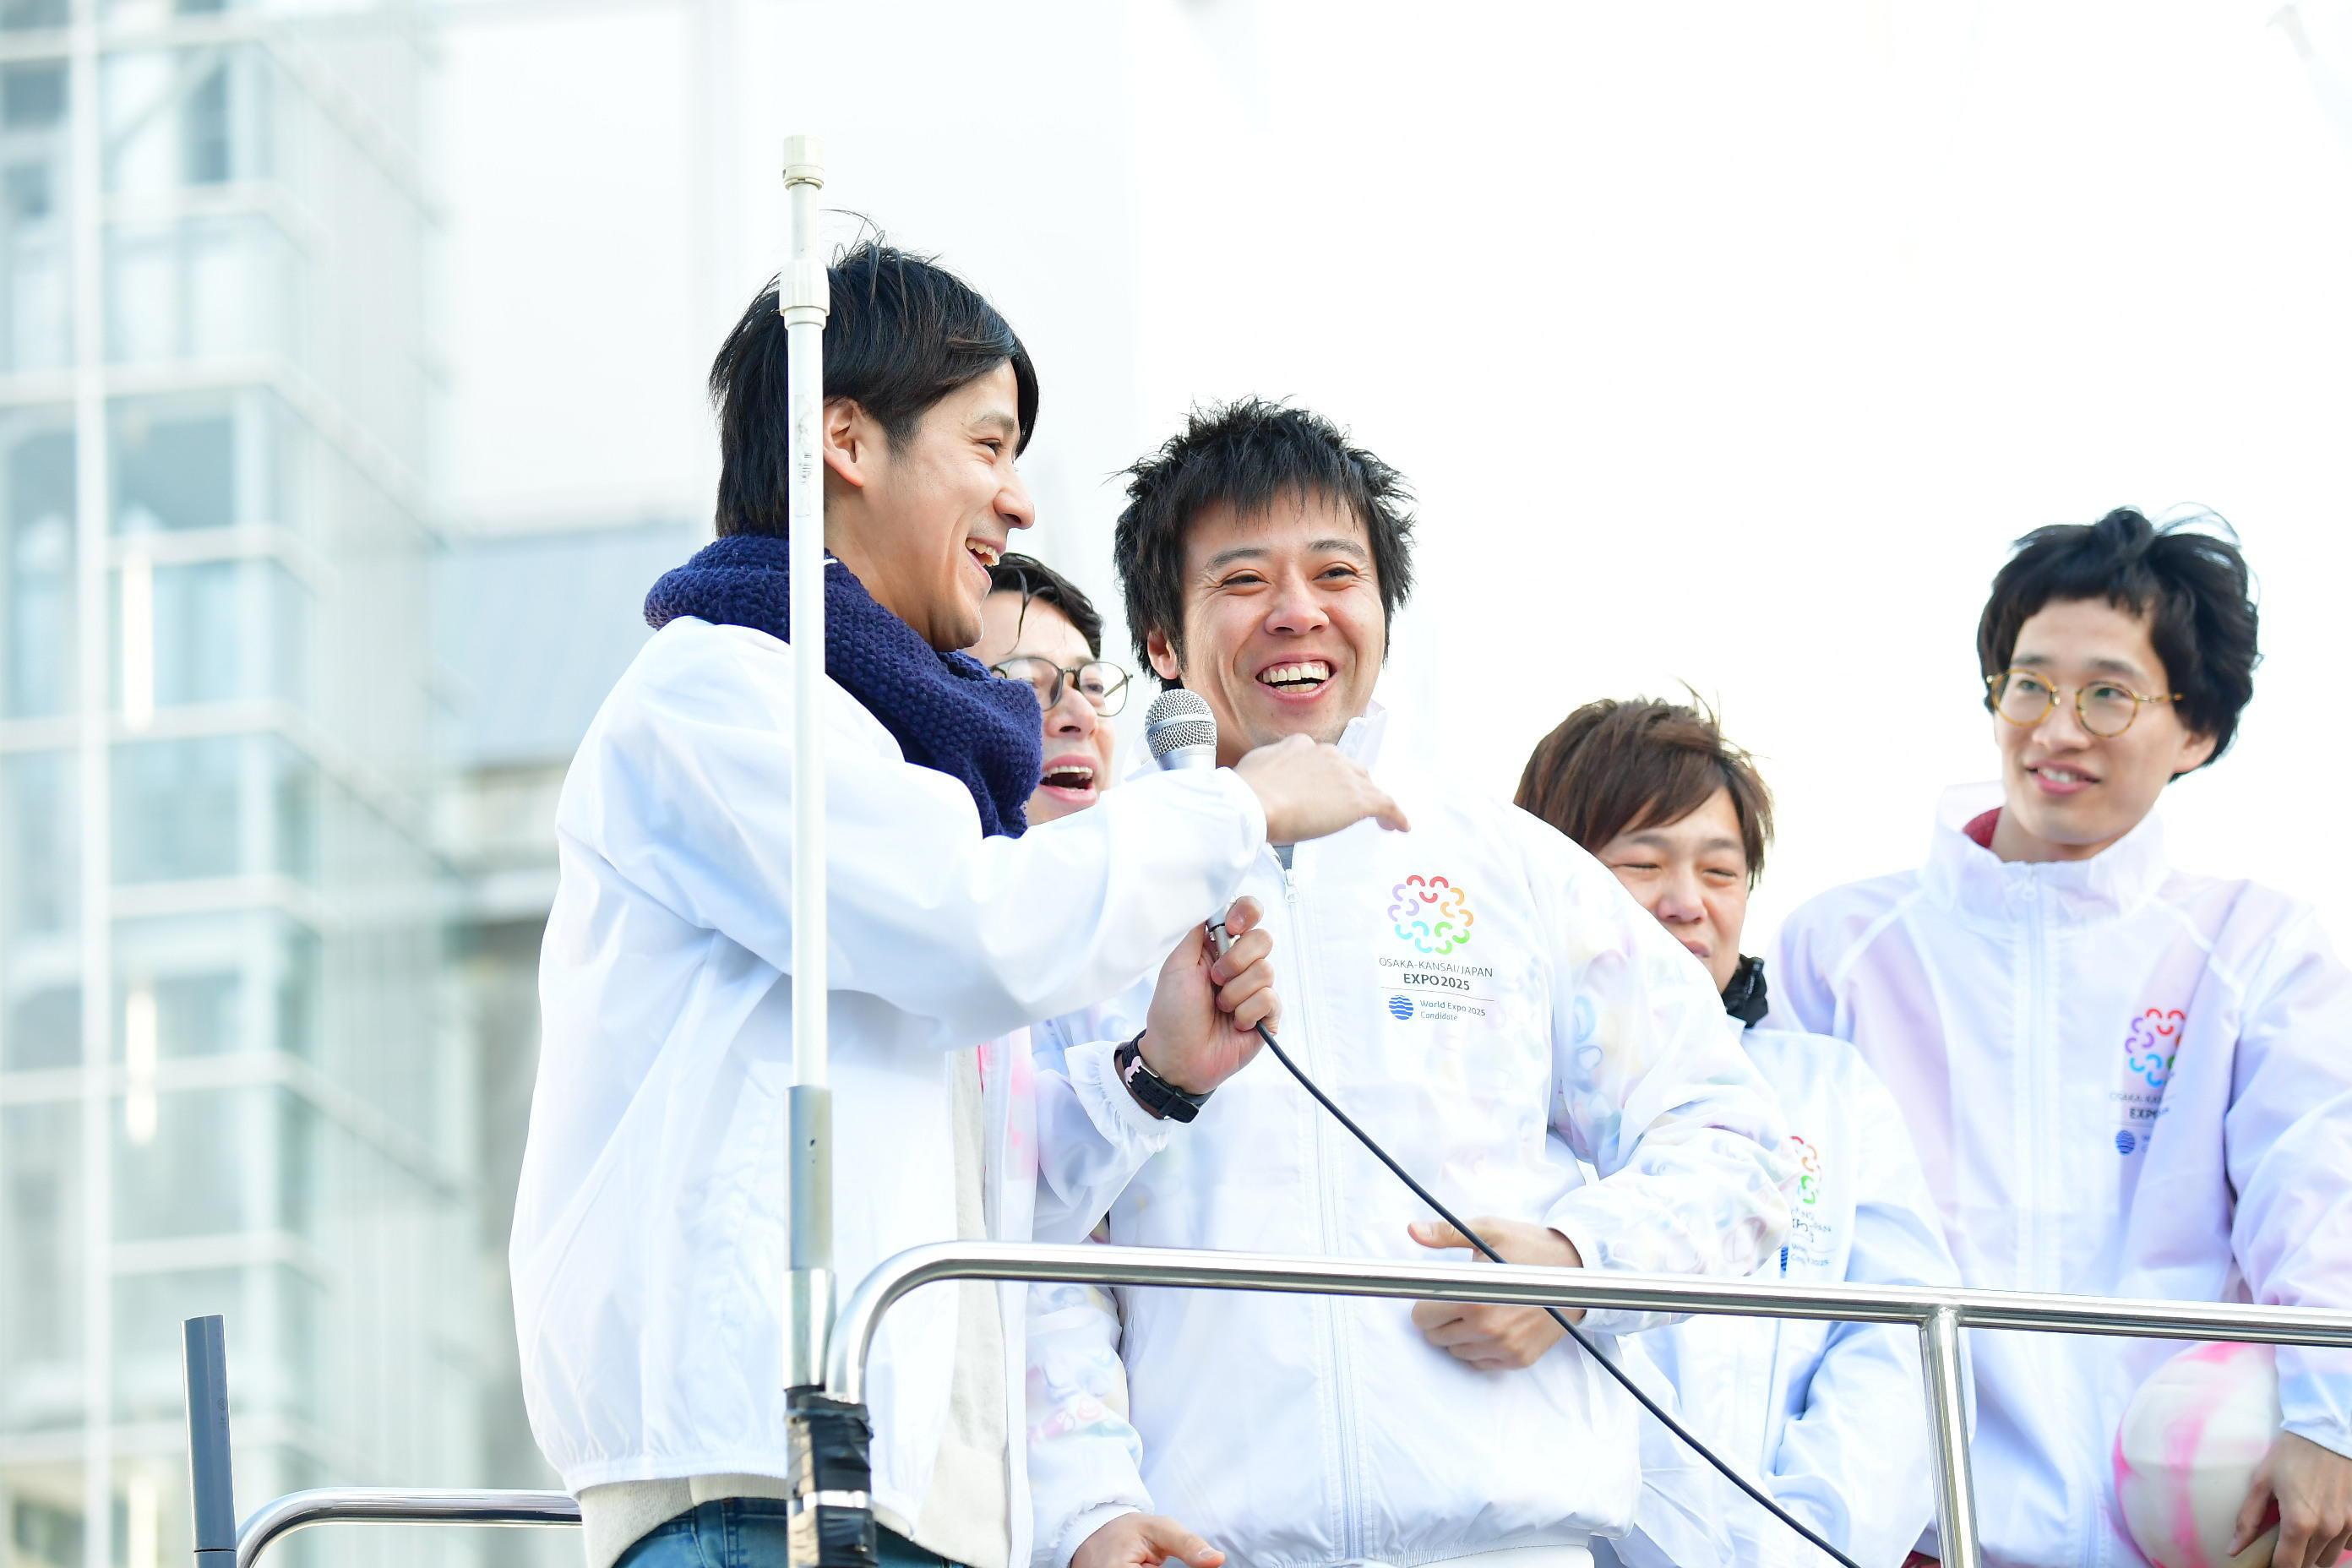 http://news.yoshimoto.co.jp/20180211184735-bd6d160f8e3ef0d1da33e16ea5981008d7336a9b.jpg